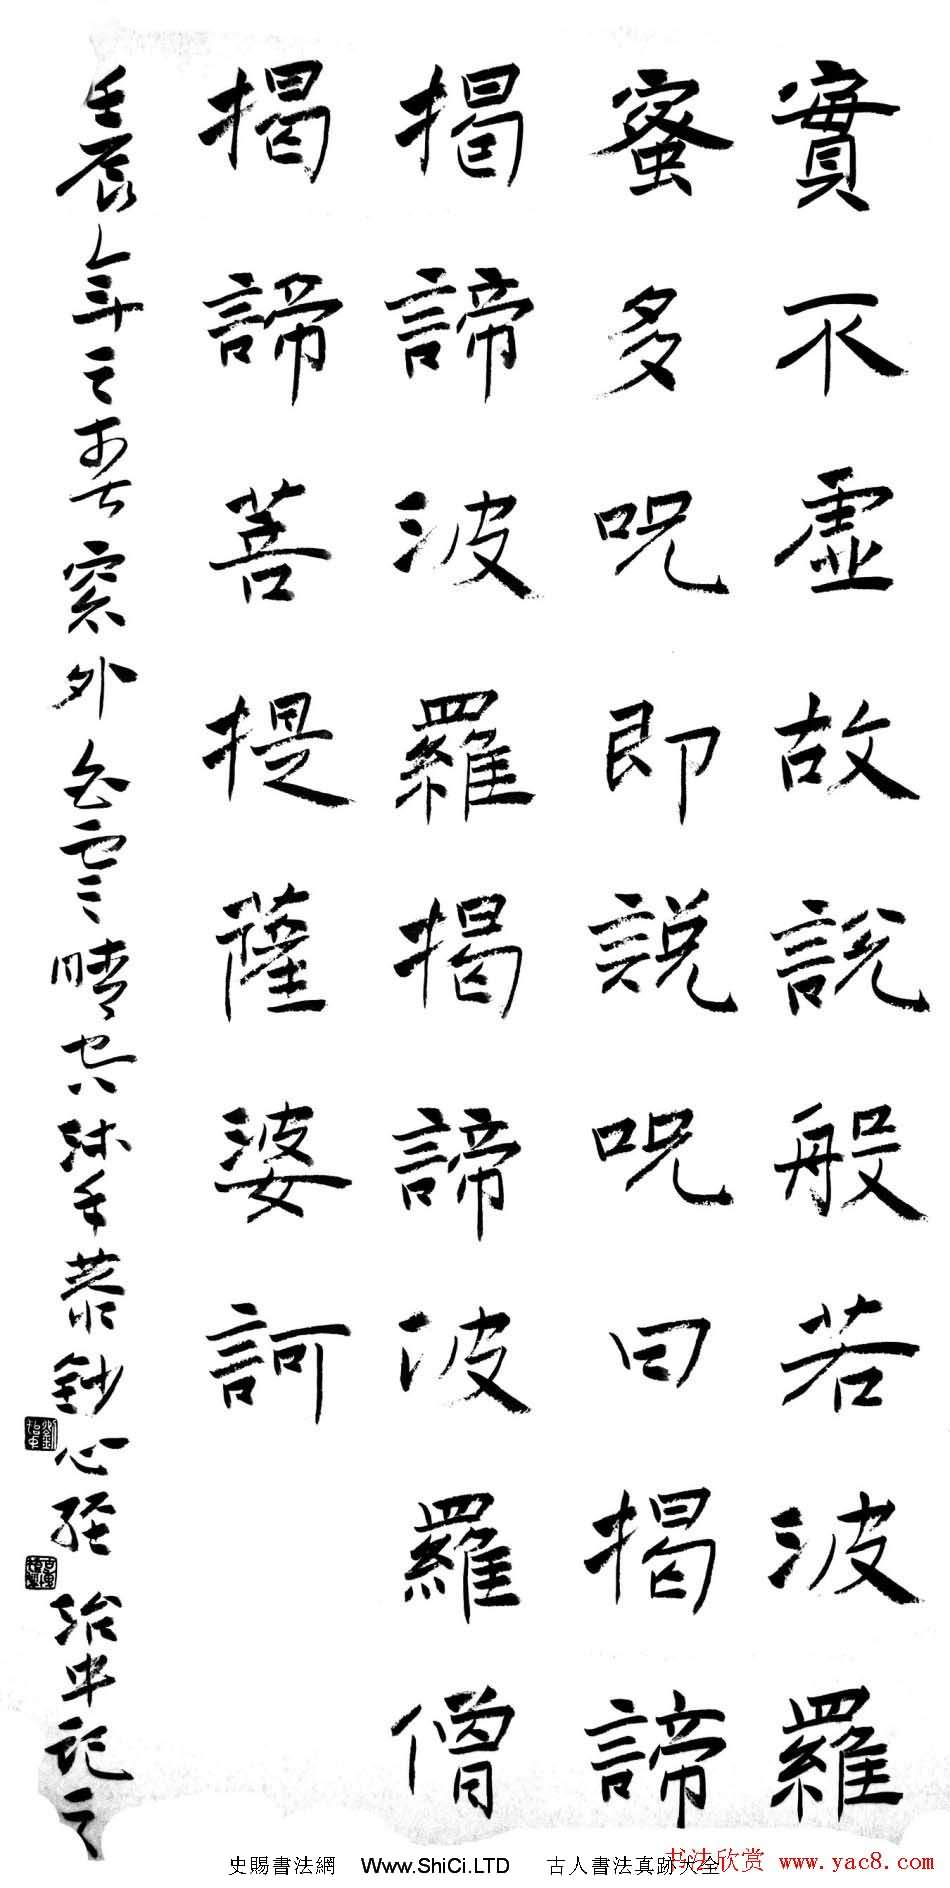 劉治中書法作品《般若波羅蜜多心經》